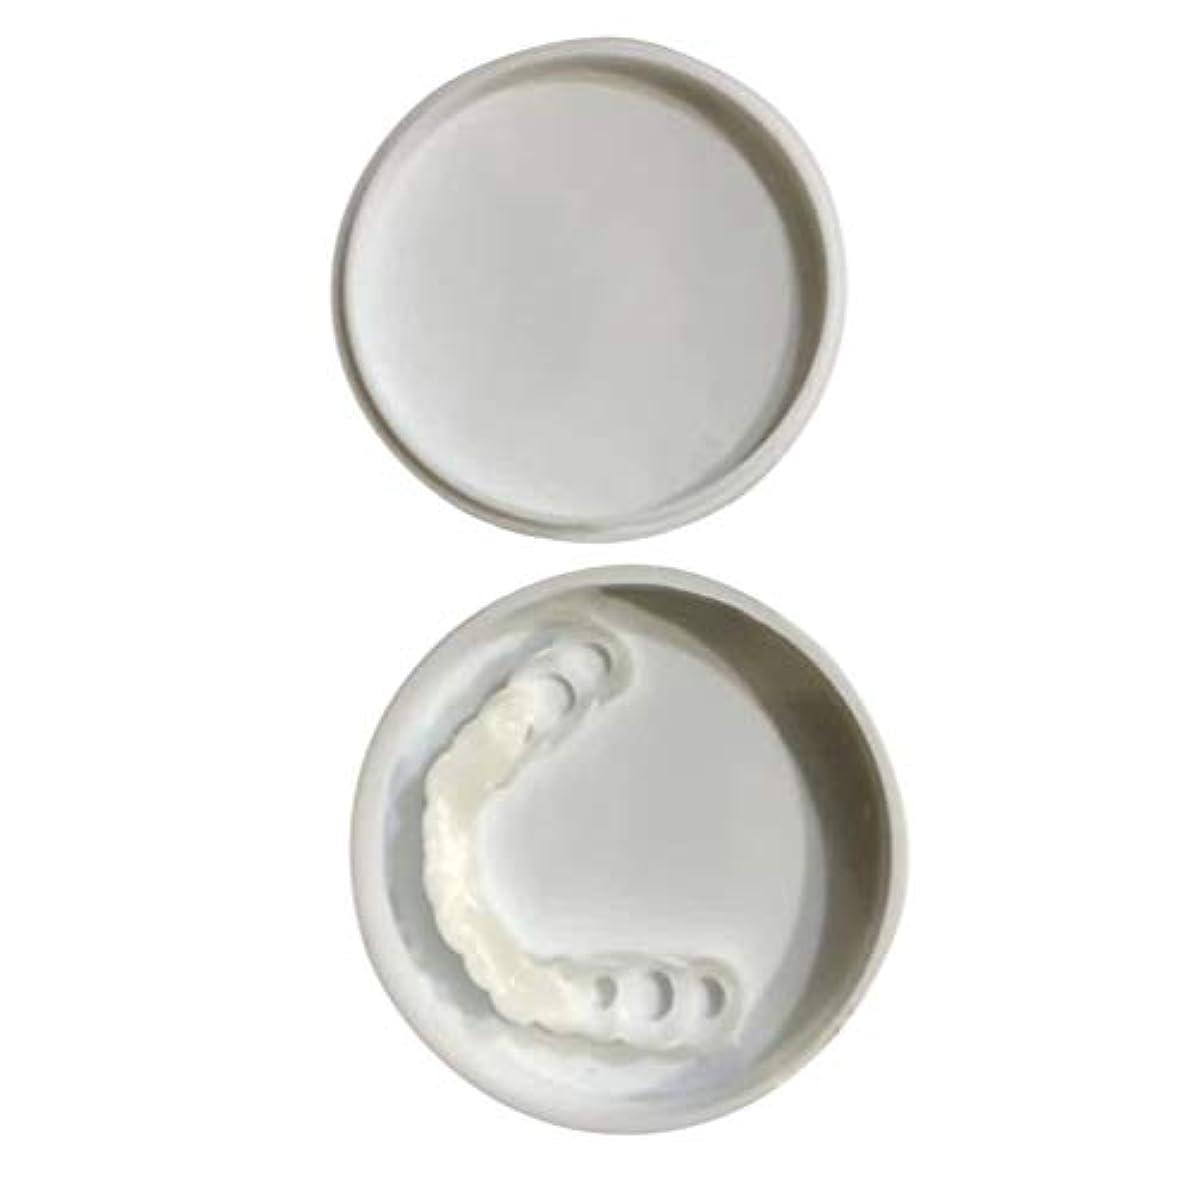 主流密接に寸前快適なスナップオン男性女性歯インスタントパーフェクトスマイルコンフォートフィットフレックス歯フィットホワイトニング笑顔偽歯カバー - ホワイト